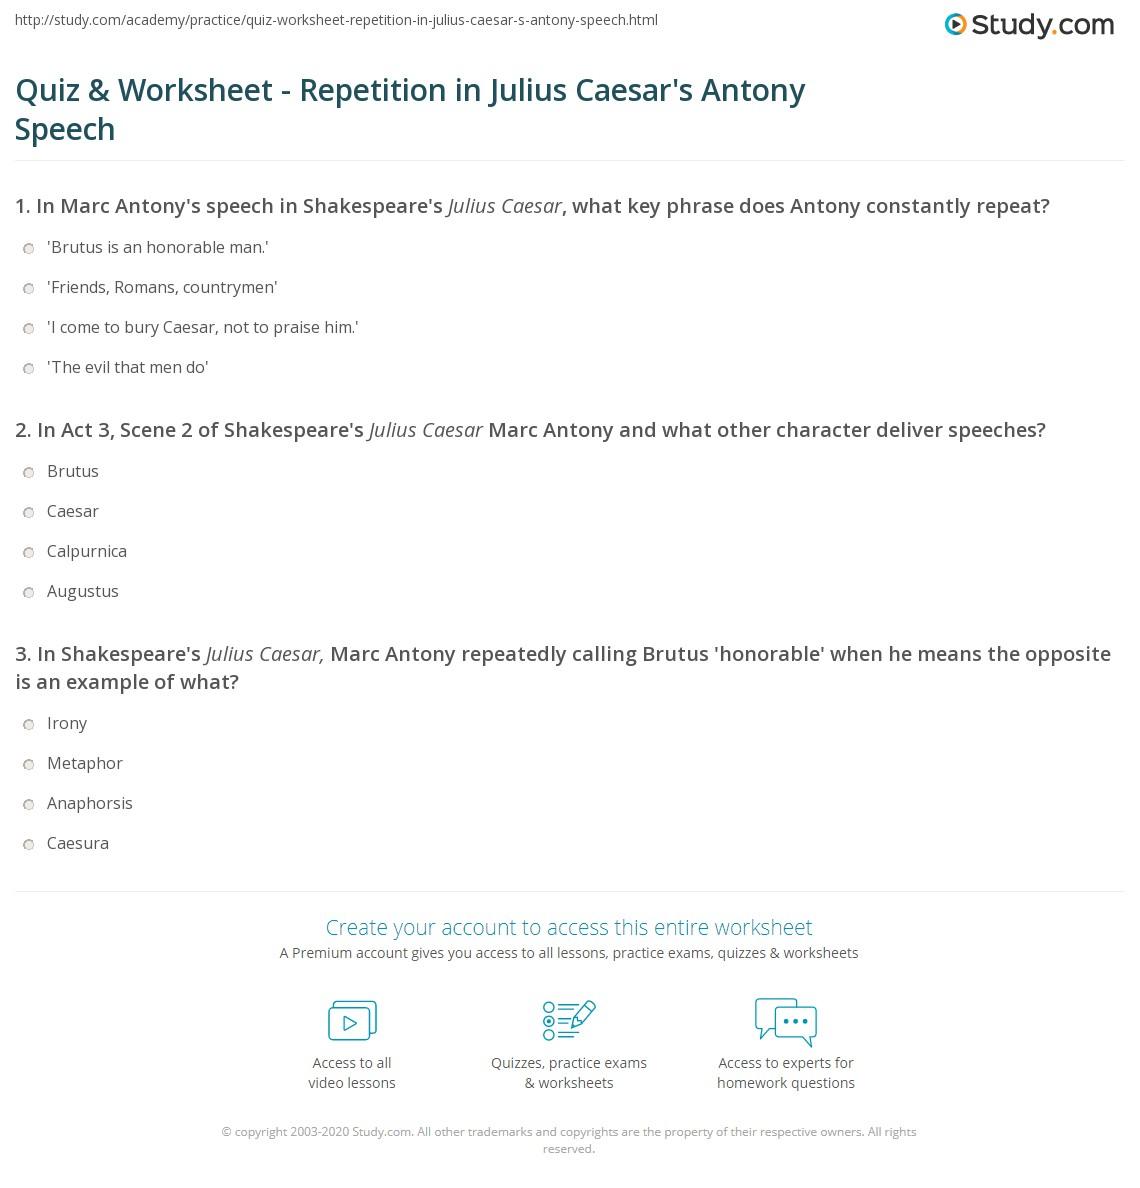 Quiz & Worksheet - Repetition in Julius Caesar's Antony Speech ...